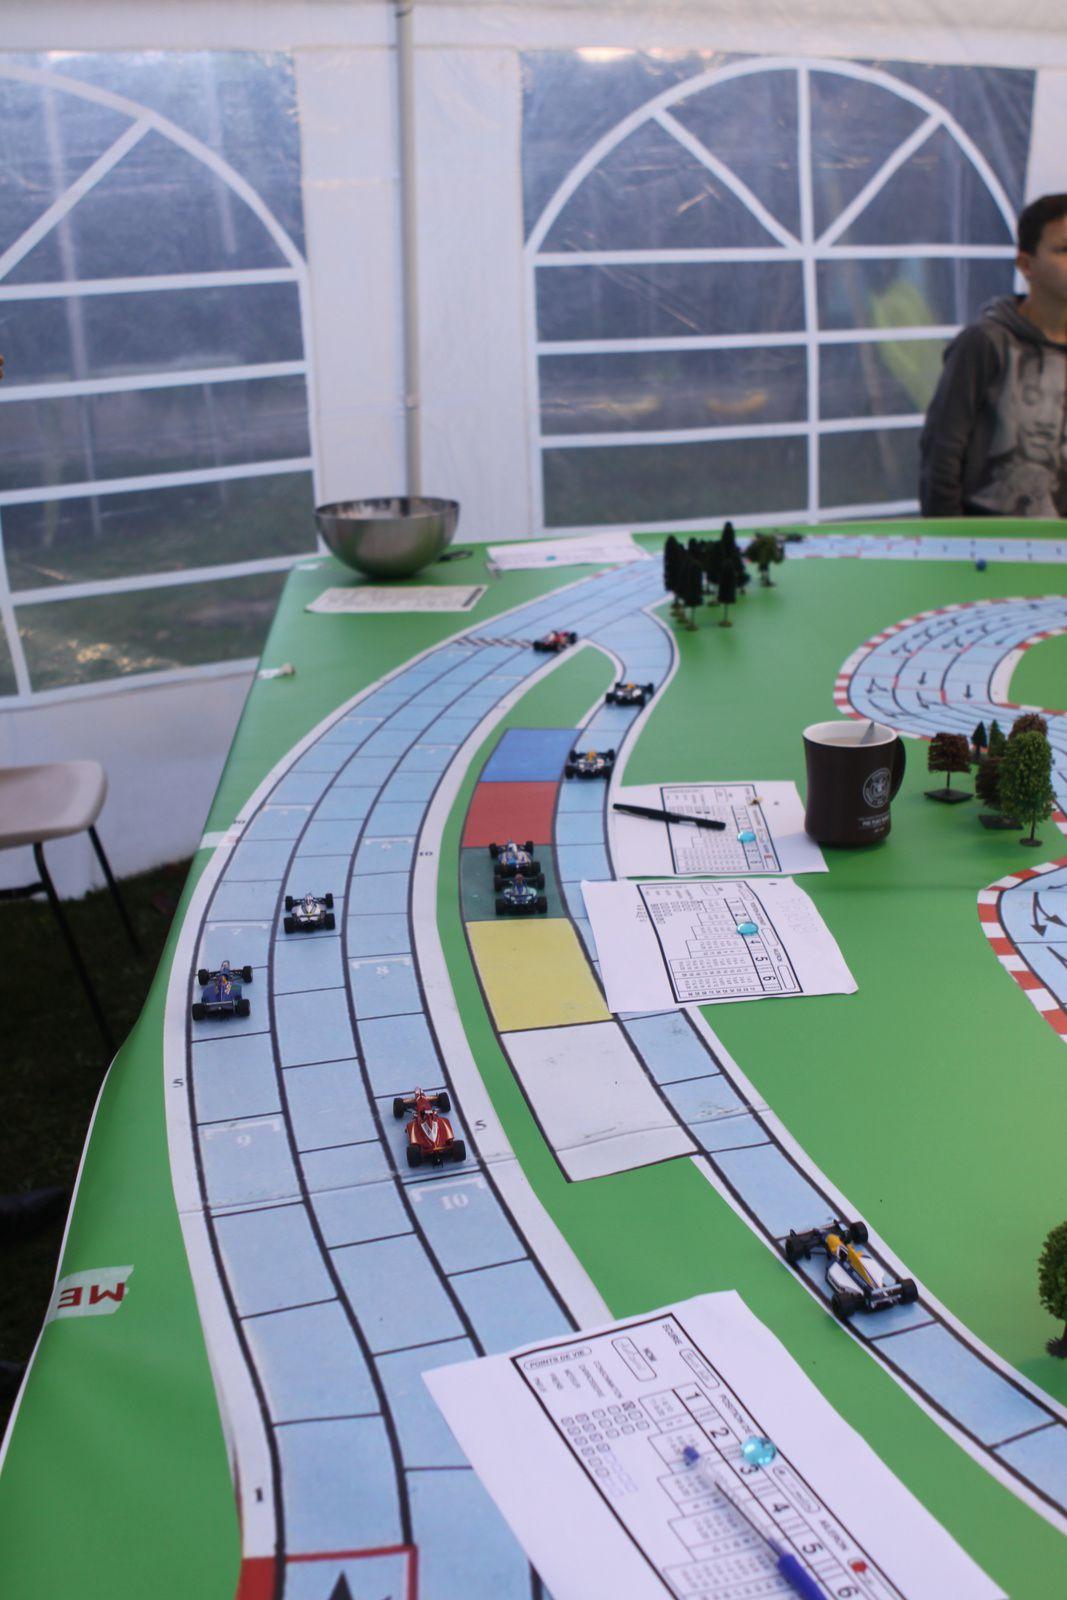 Embouteillage au stand oblige certains continuent avec une voiture toute cabossée ! ..qui ? moi par exemple ...